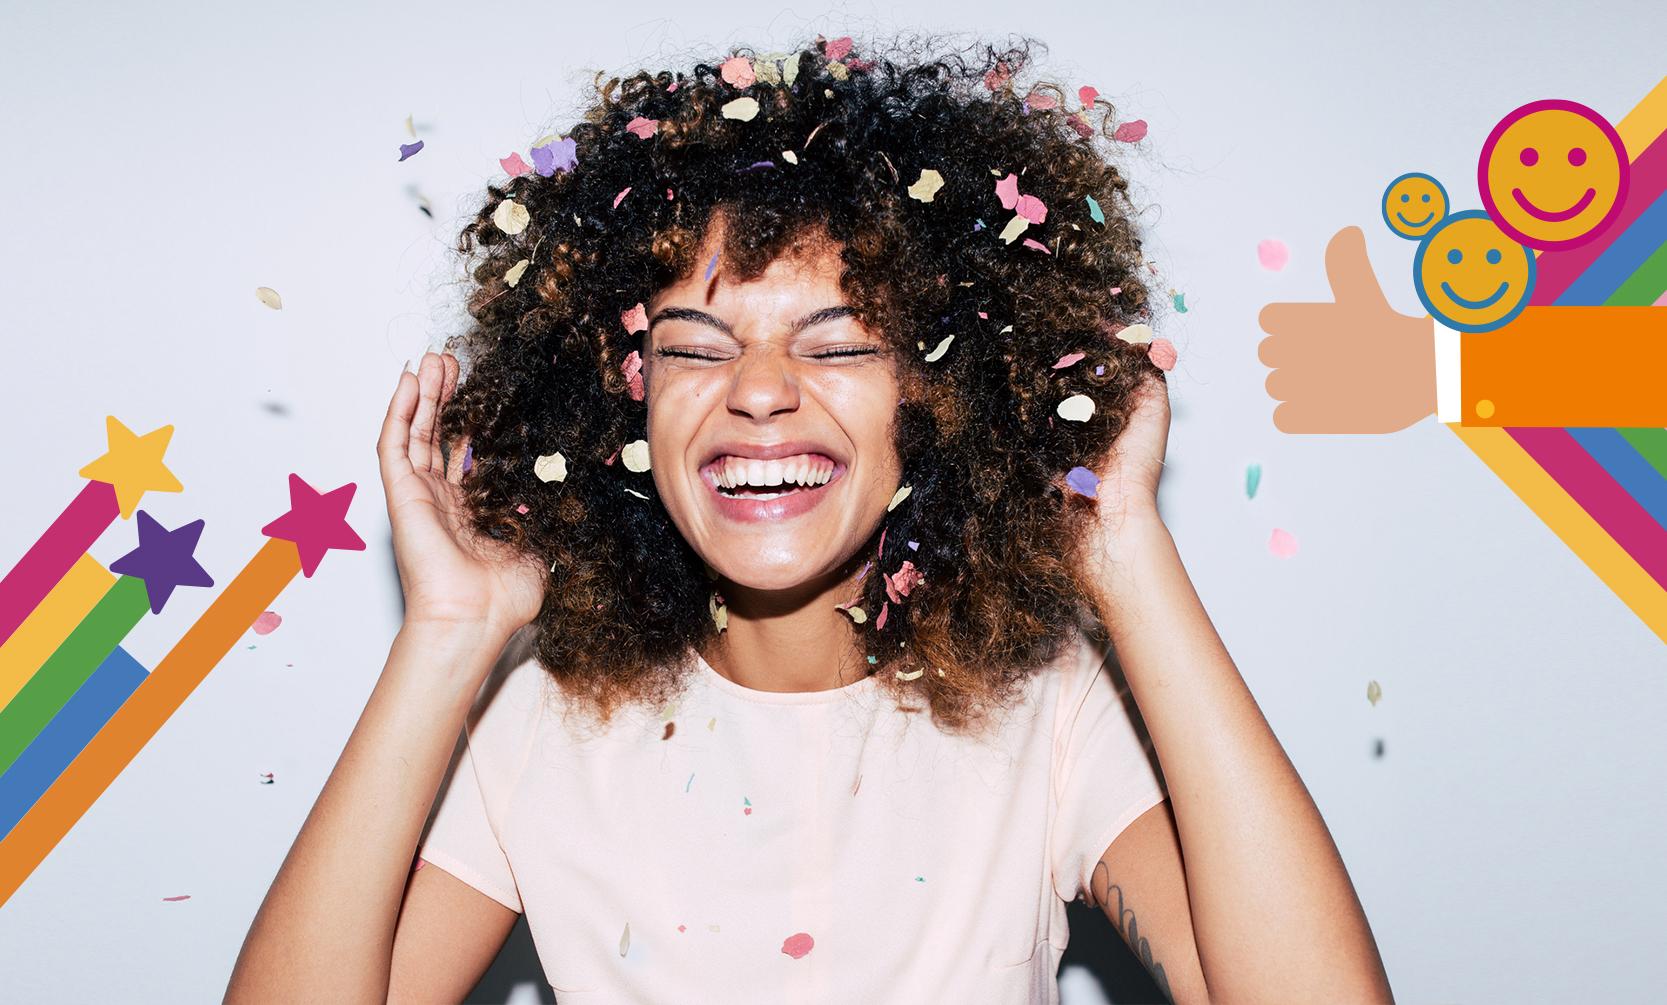 Fröhliche Frau mit Konfetti im Haar